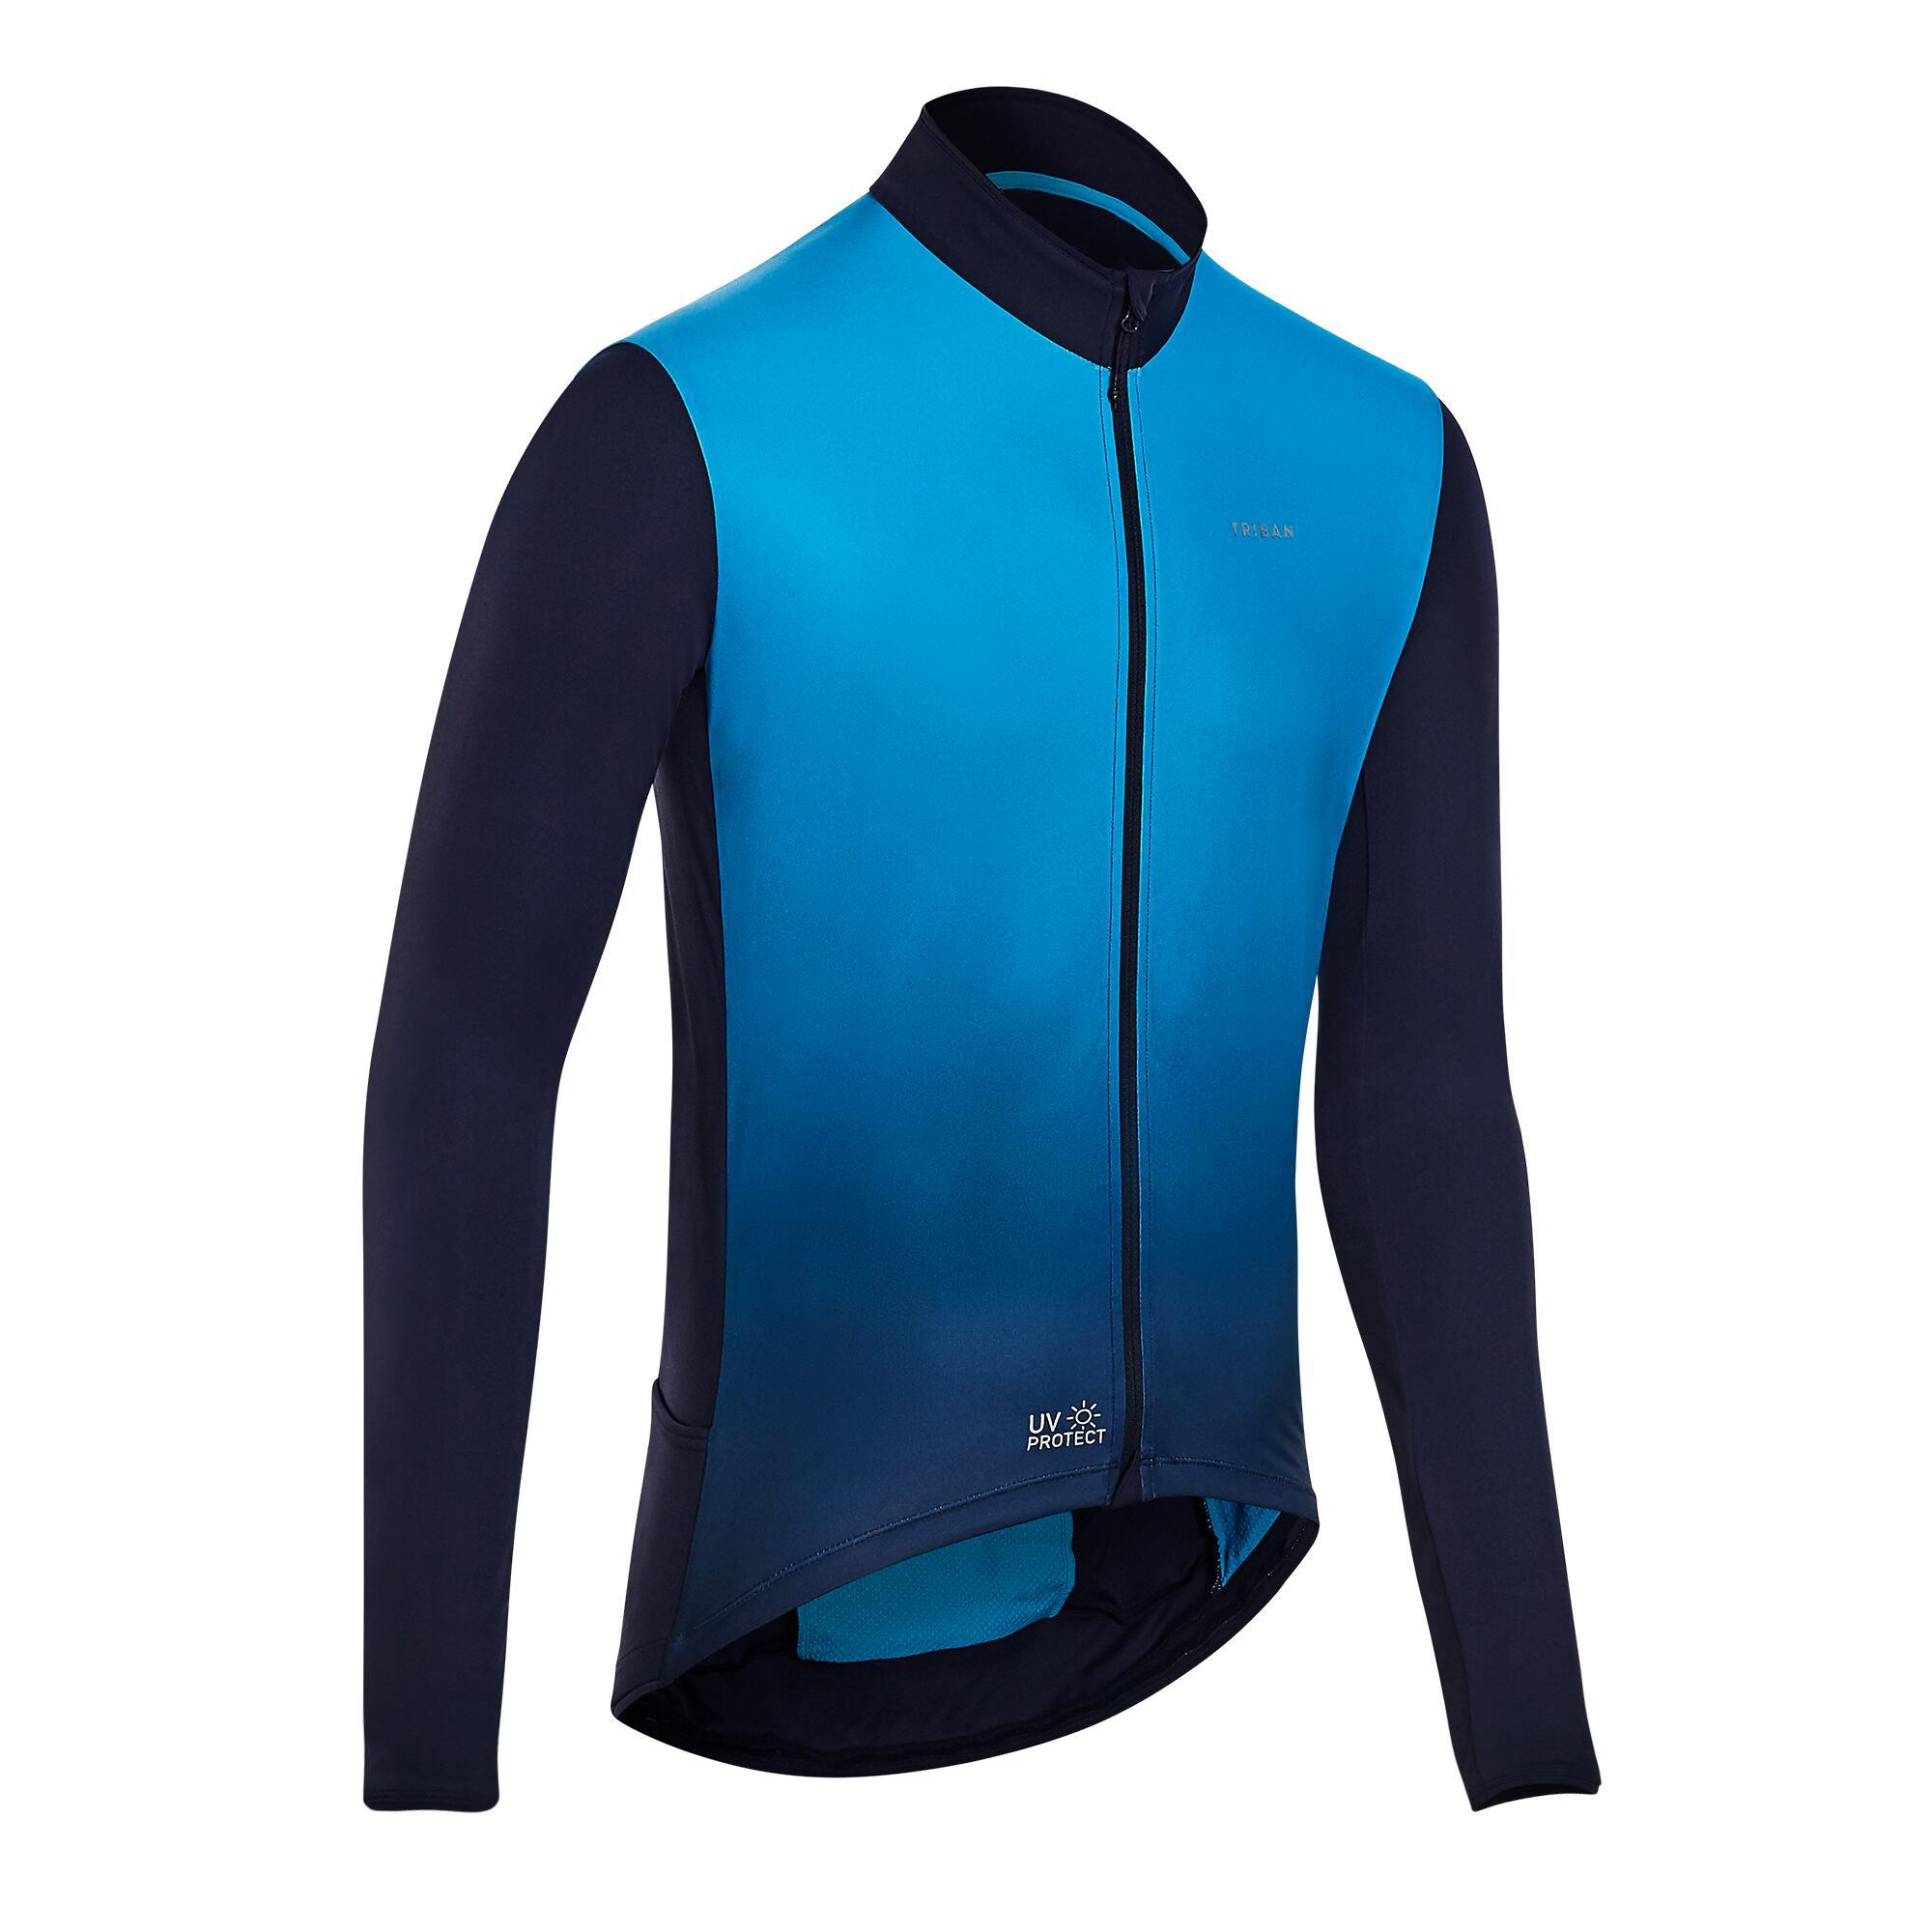 Bluză ciclism anti-UV RC 500 imagine